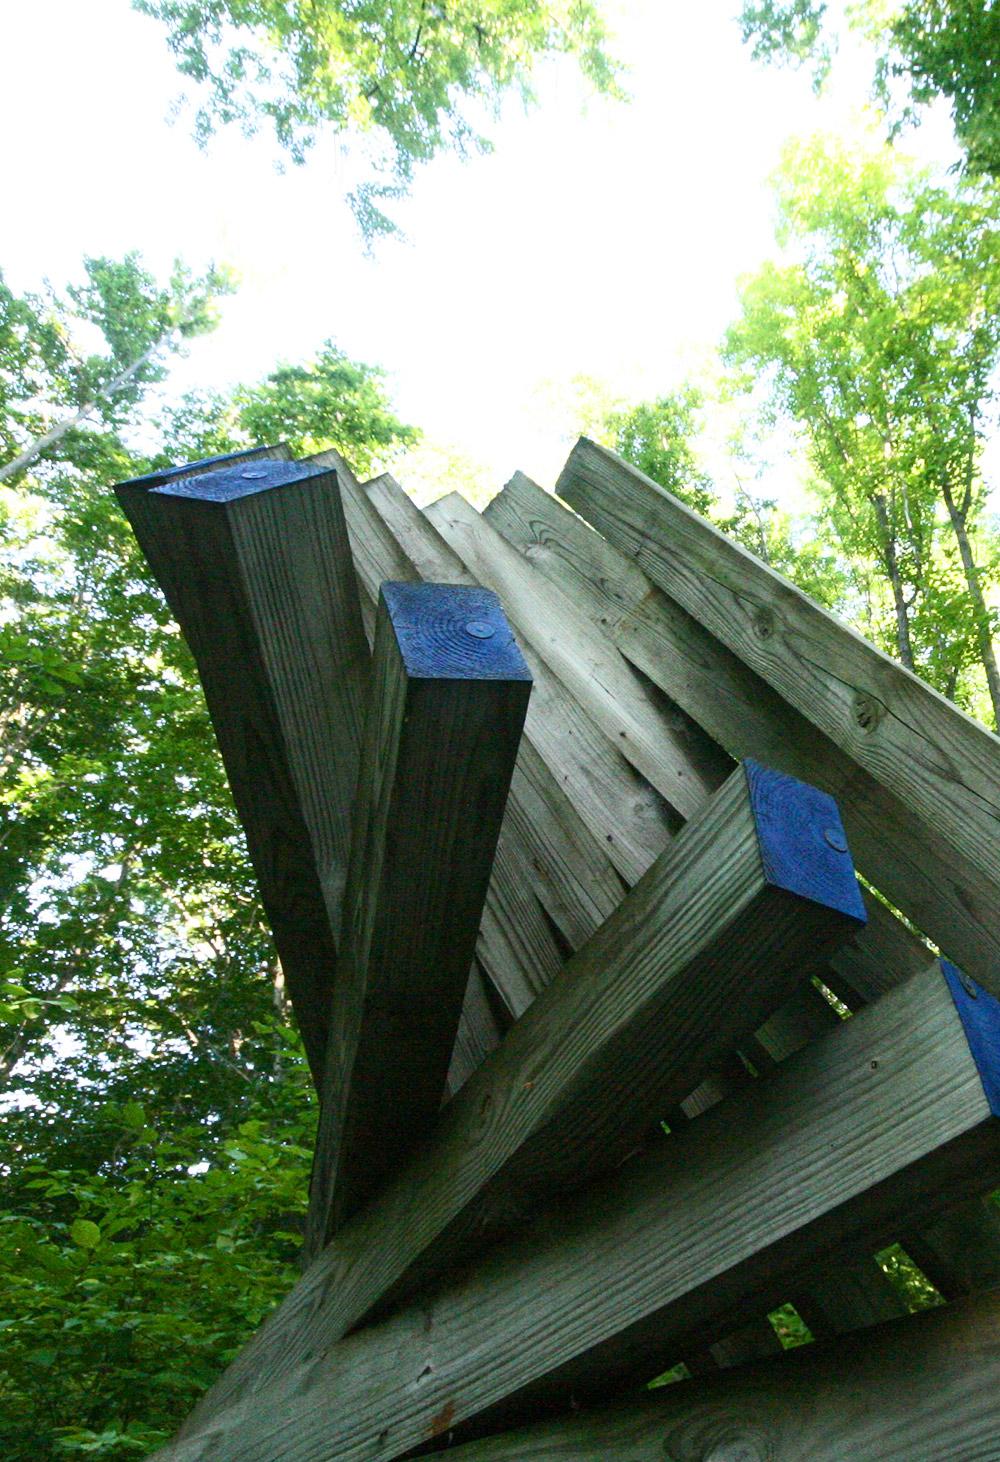 David Barr sculpture, Sawpath No 2